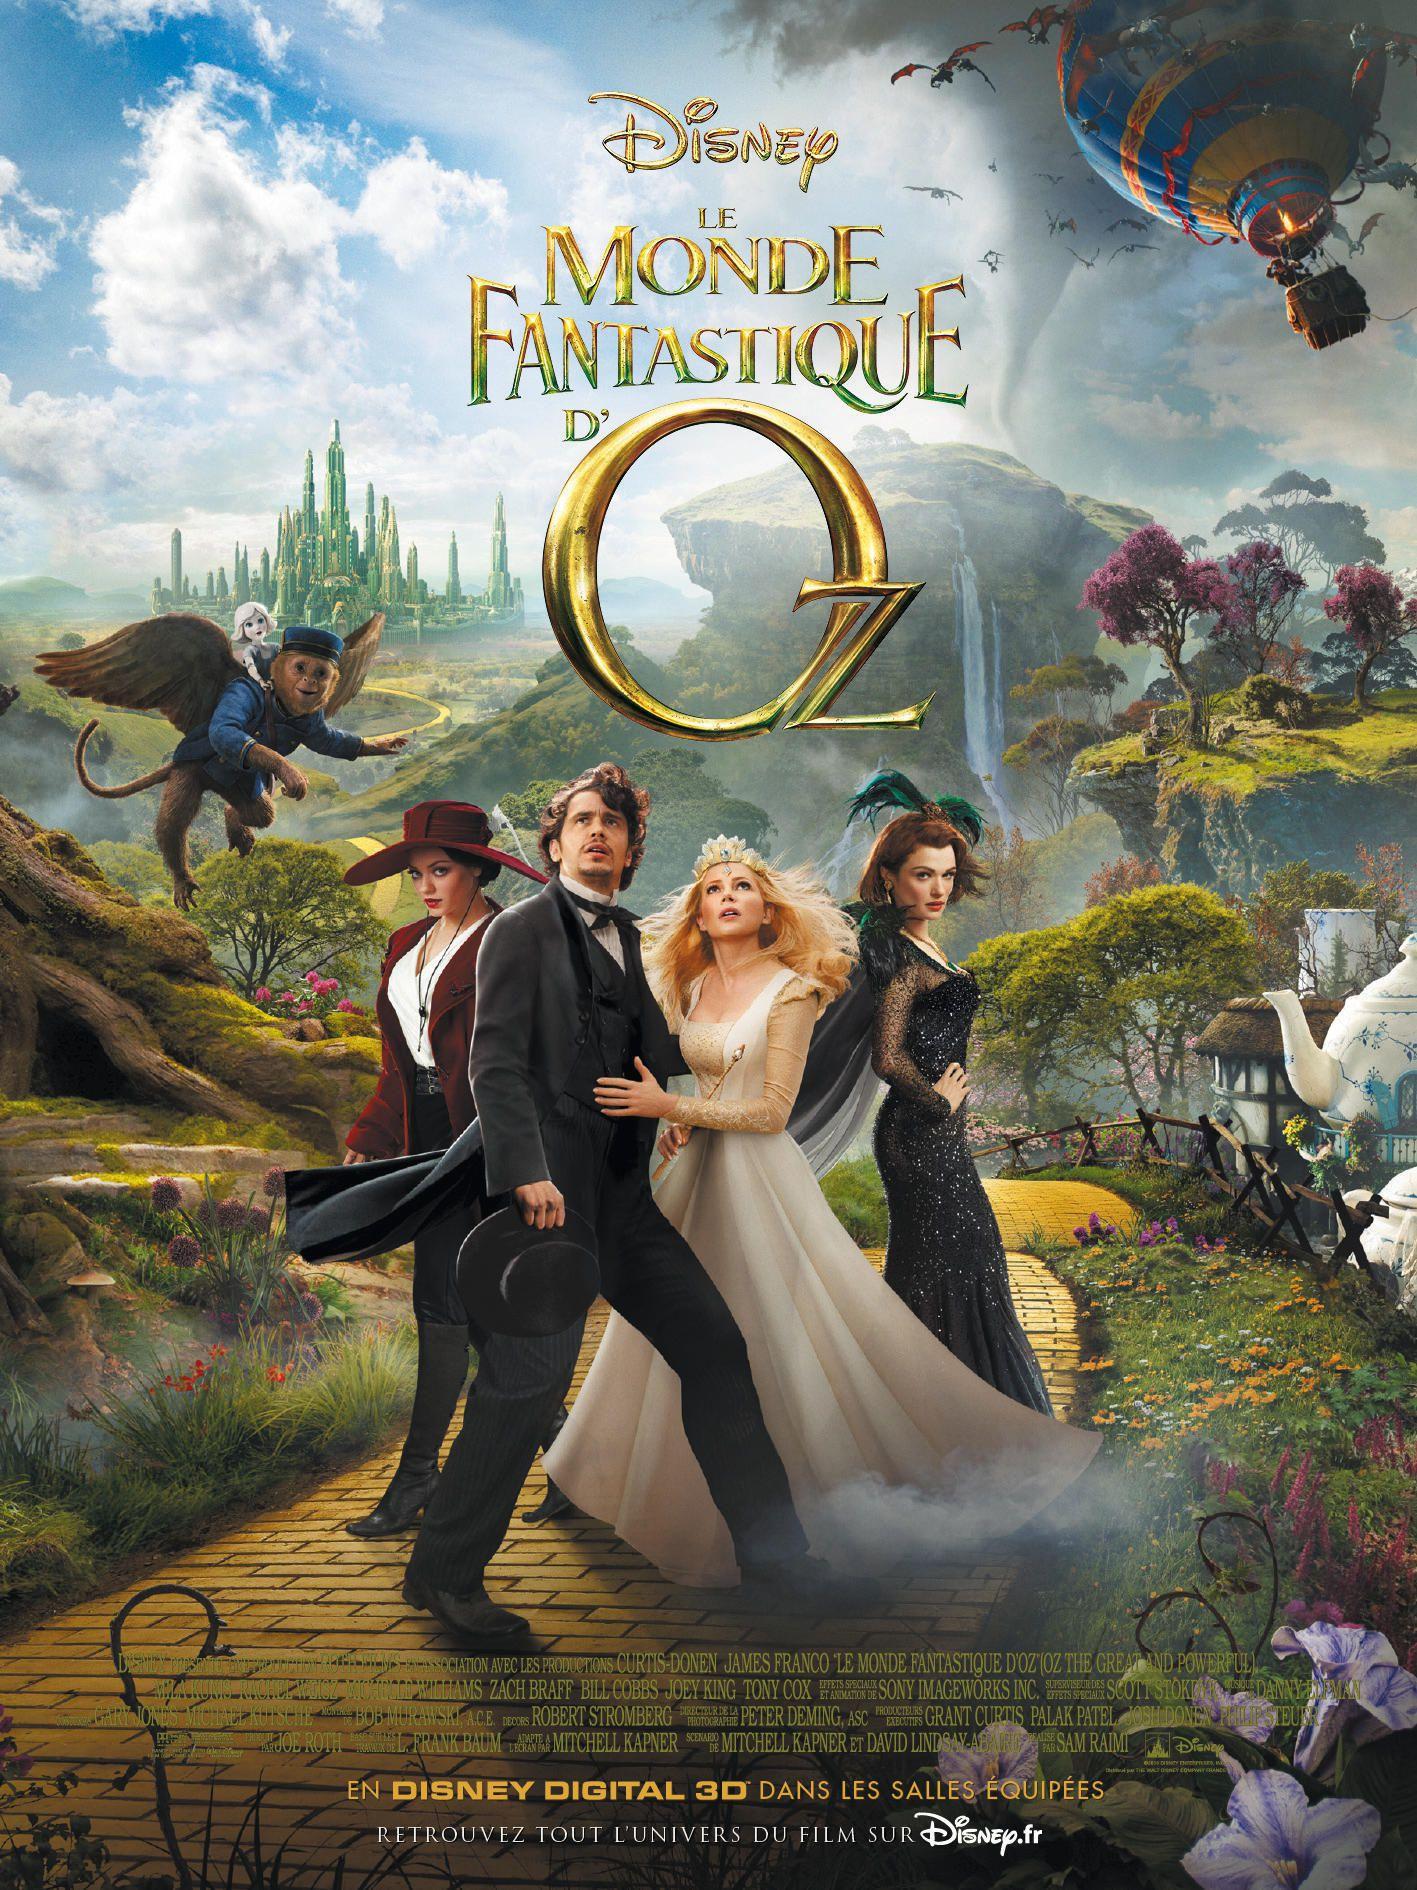 Le Monde fantastique d'Oz - Film (2013)